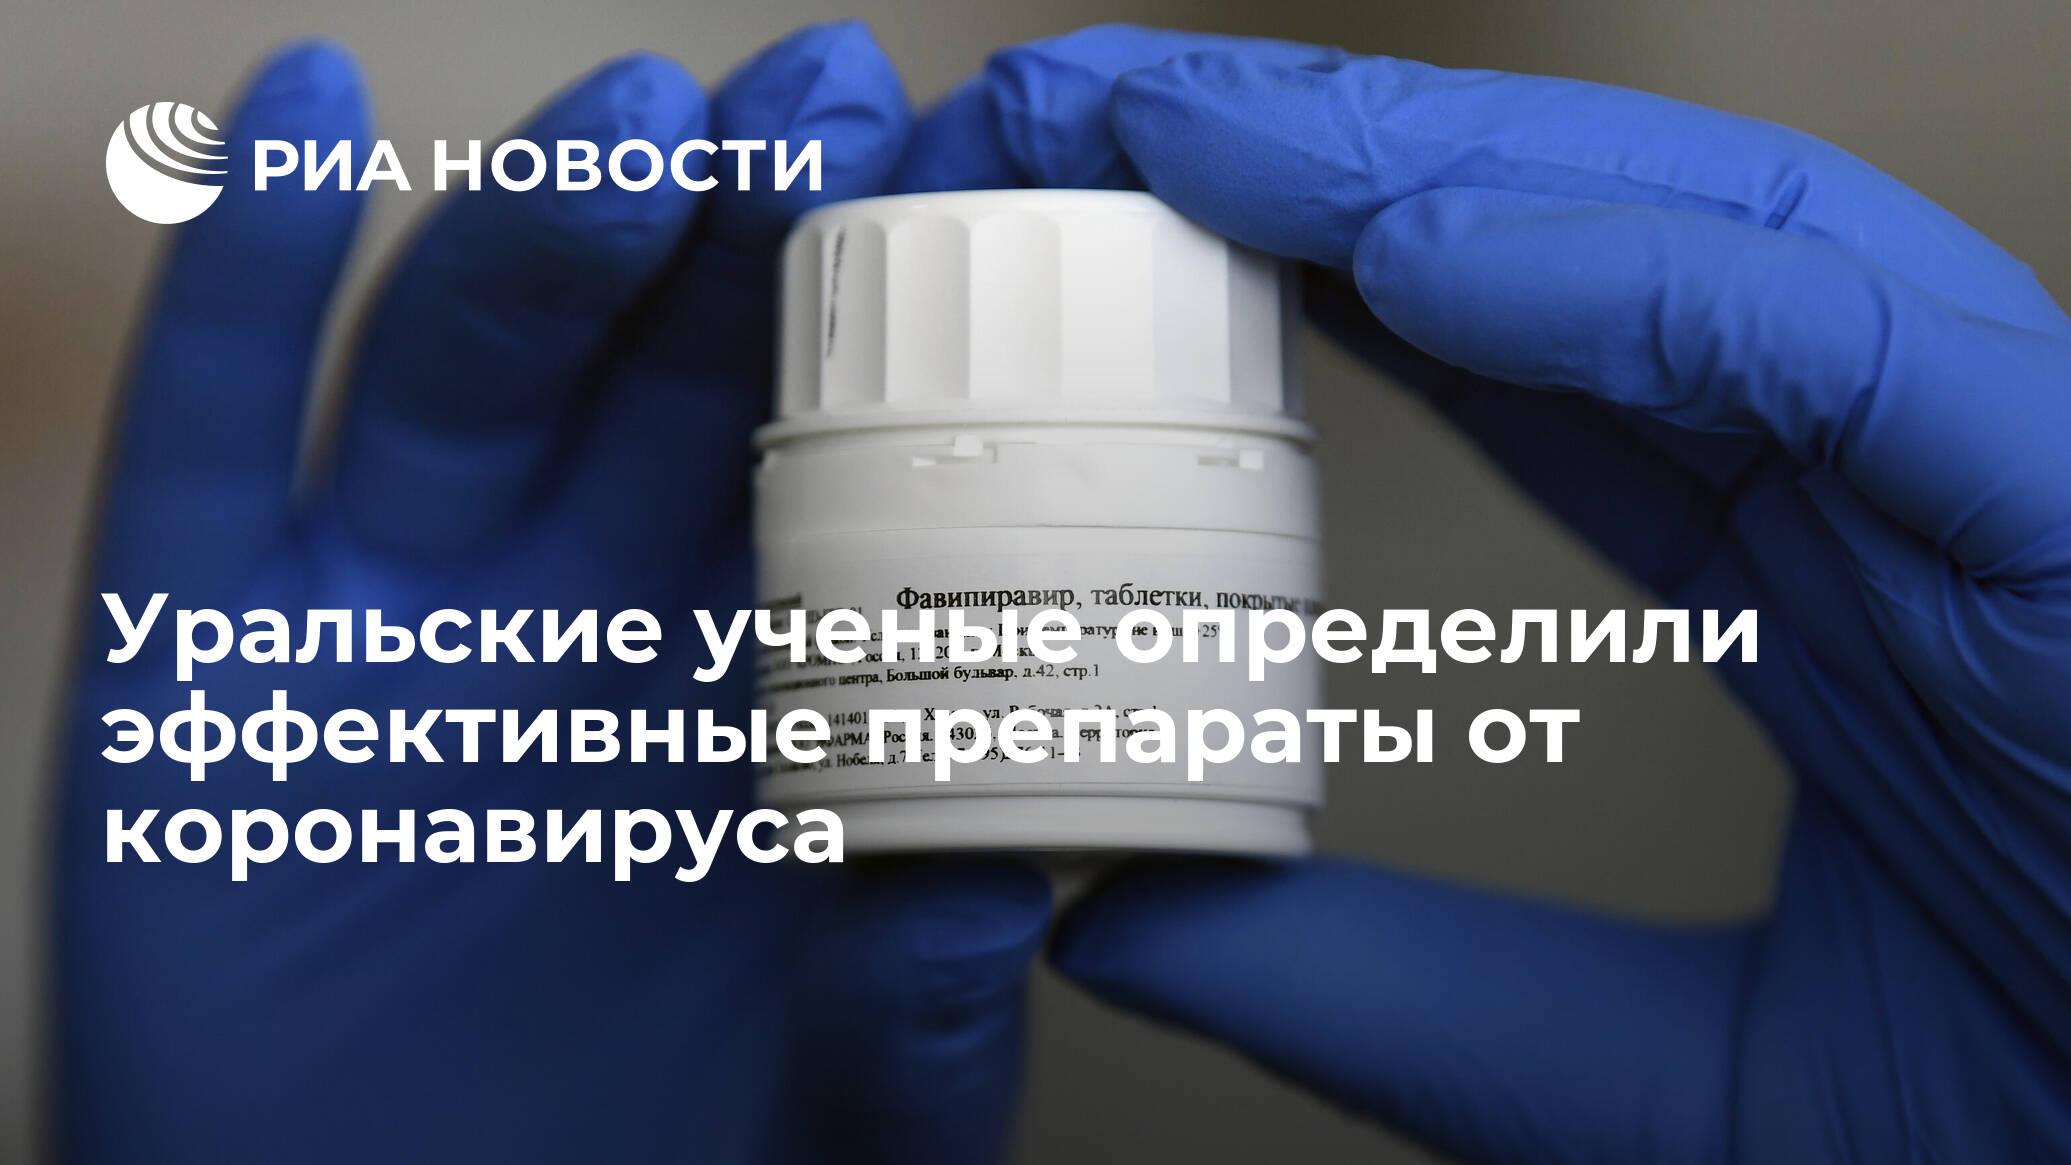 Уральские ученые определили эффективные препараты от коронавируса